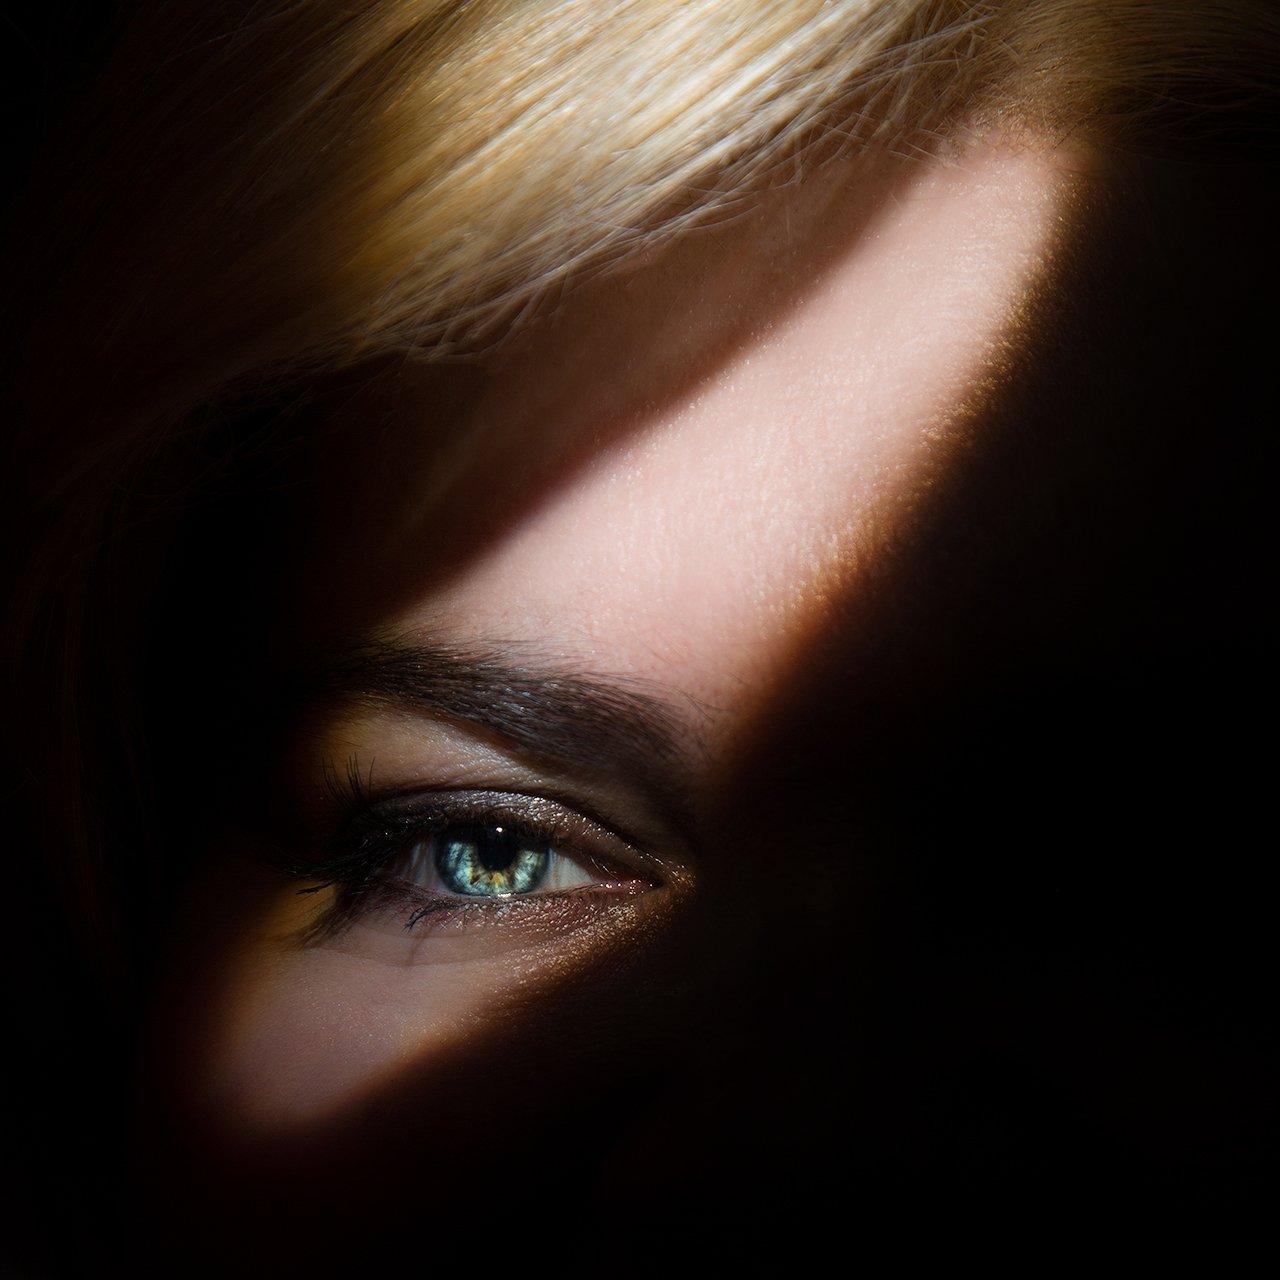 глаз, красивый, голубой, тень, свет, рисунок, Комарова Дарья